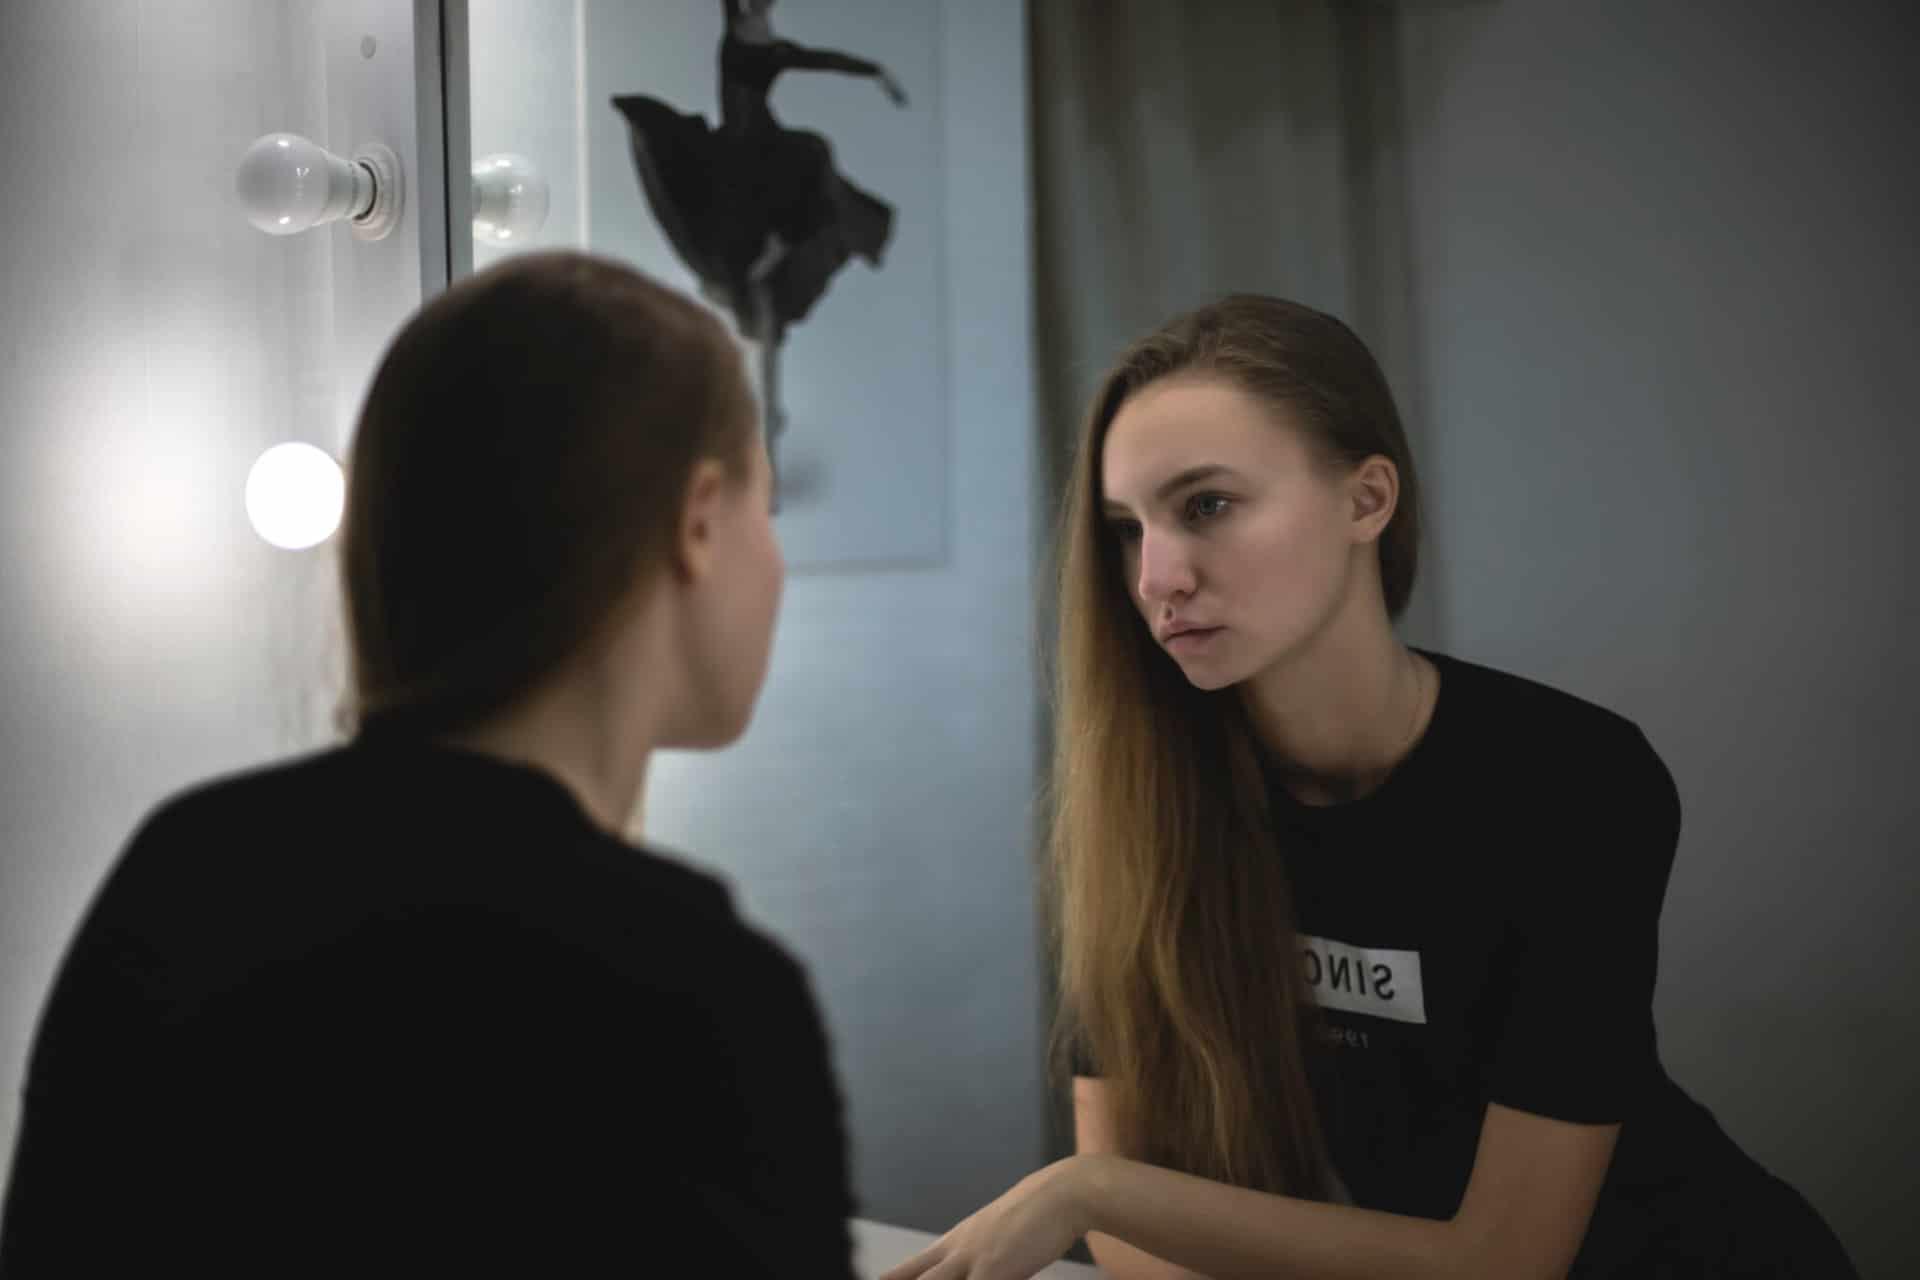 ¿Cómo y por qué Eva se convirtió en anoréxica?